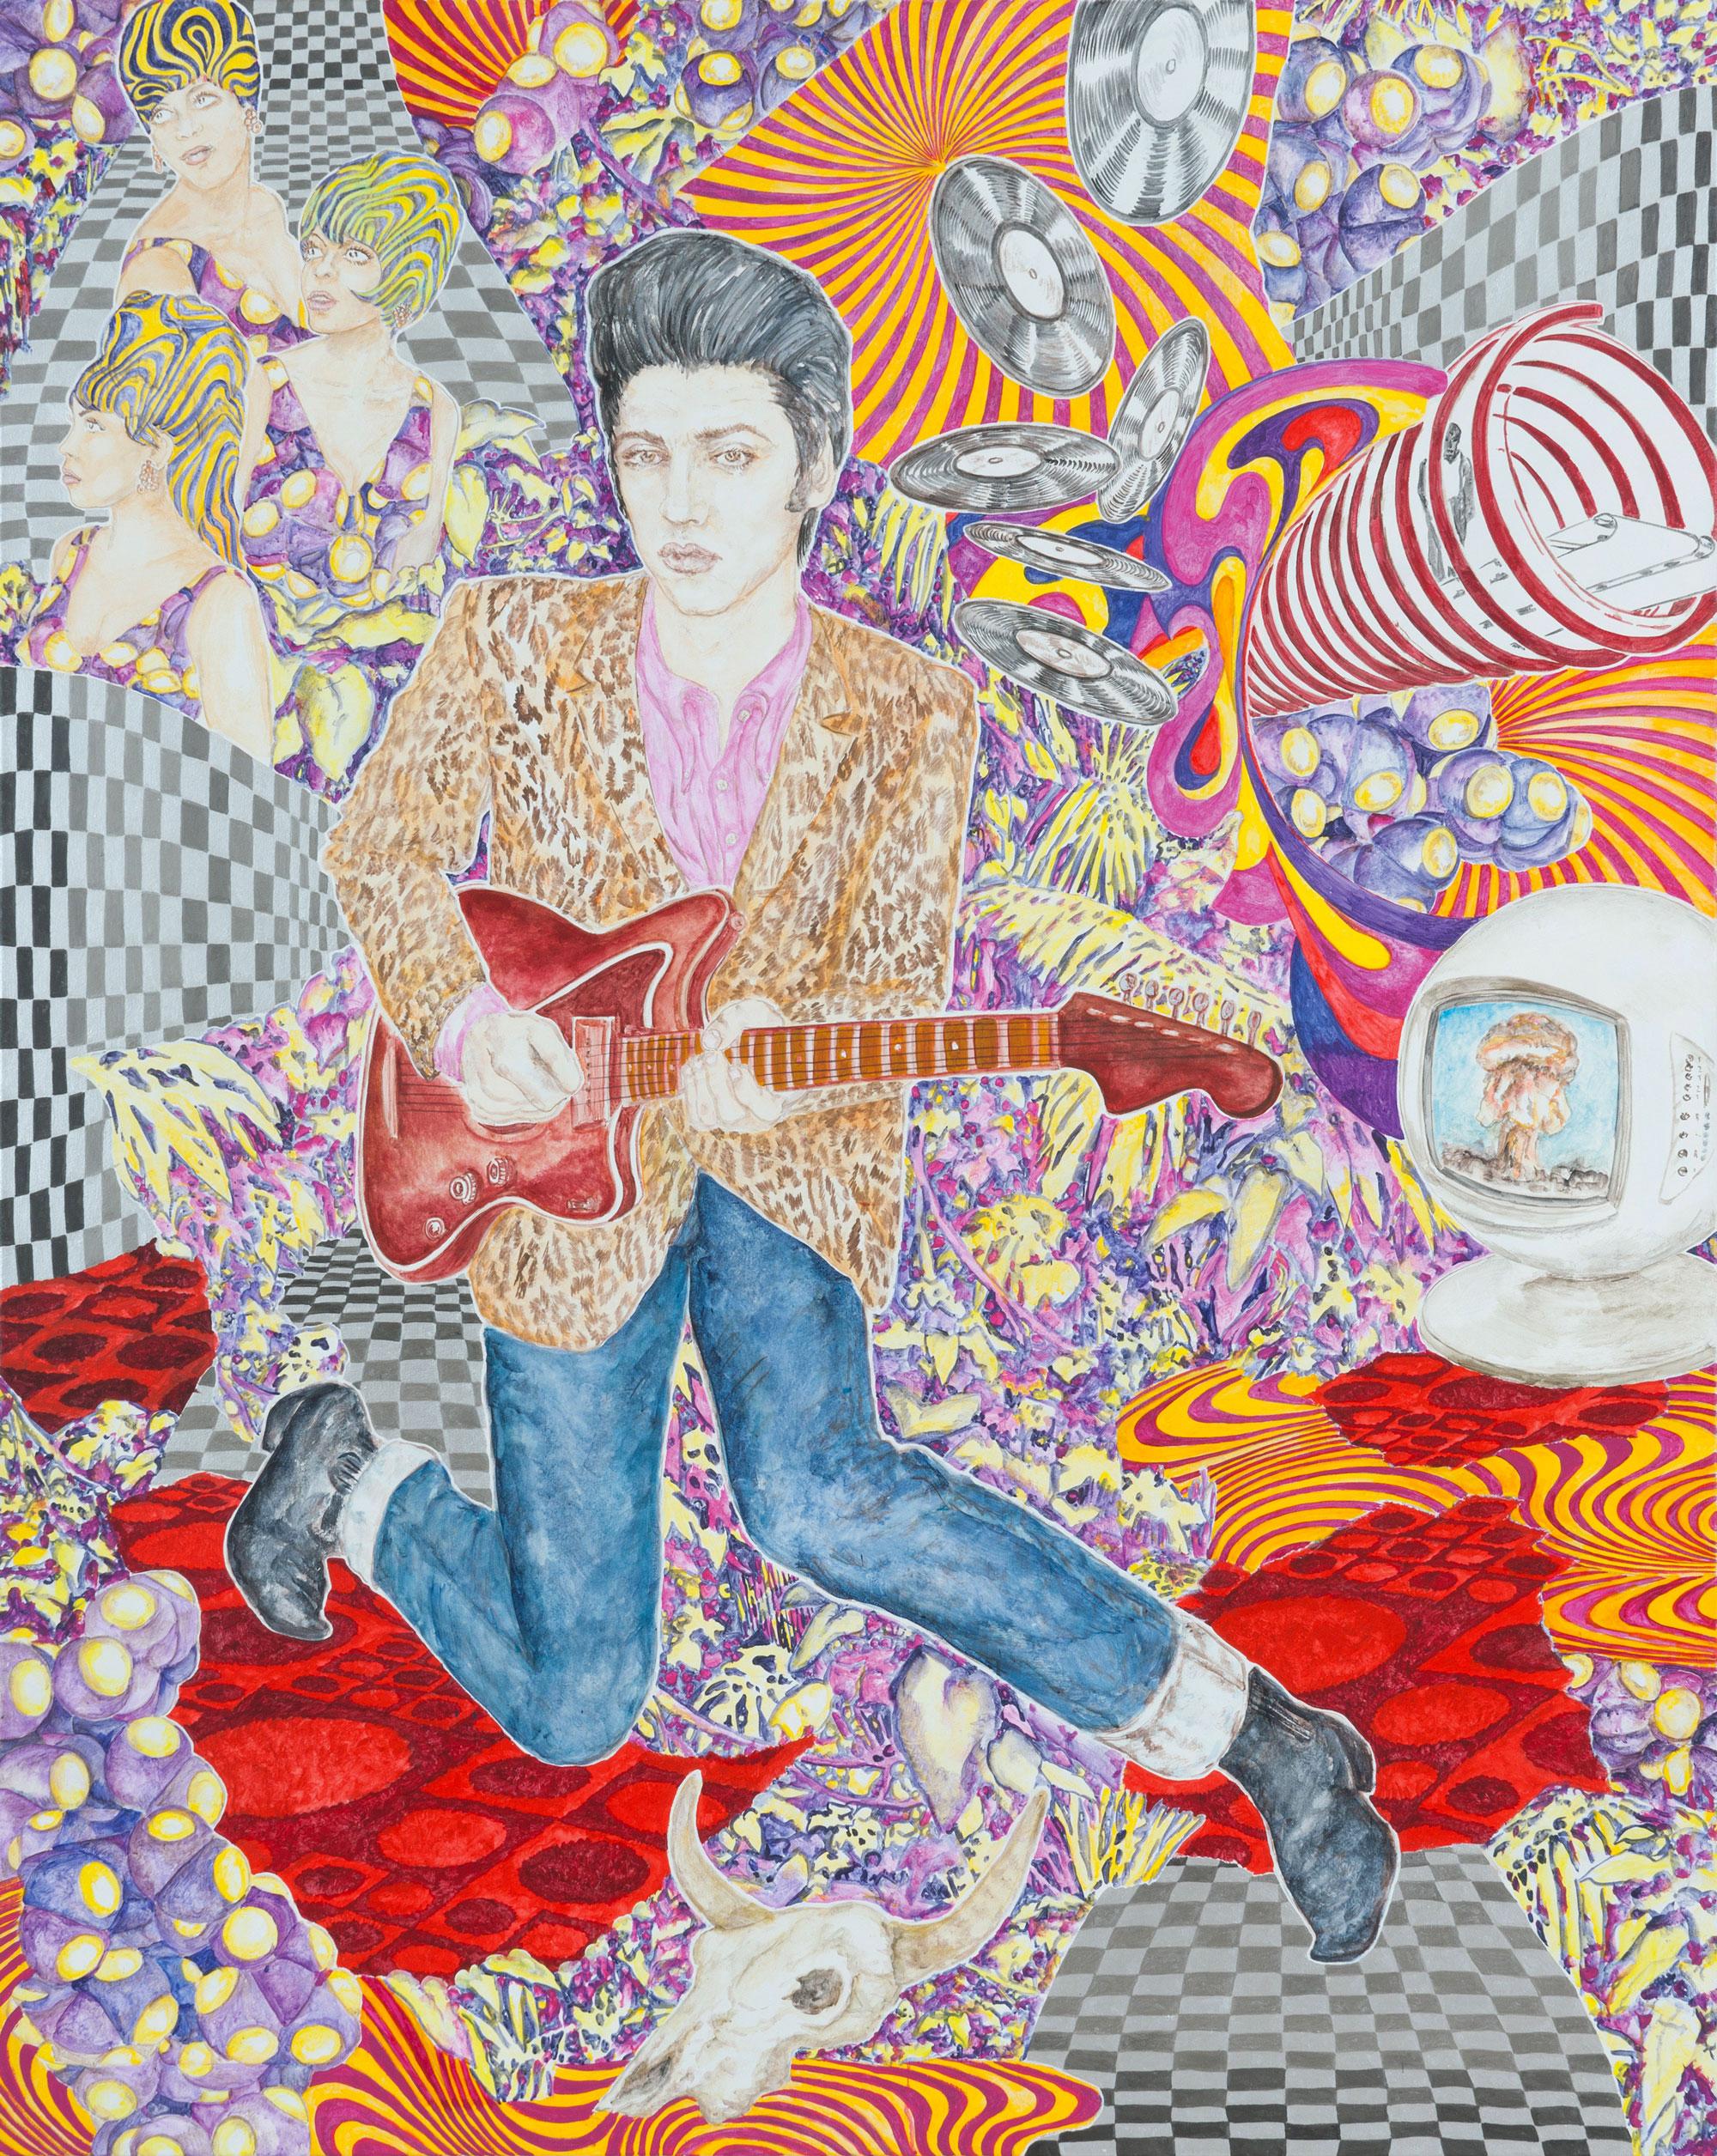 ABETZ & DRESCHER  Elvis Presley 200 x 160 cm acrylic on canvas 2011